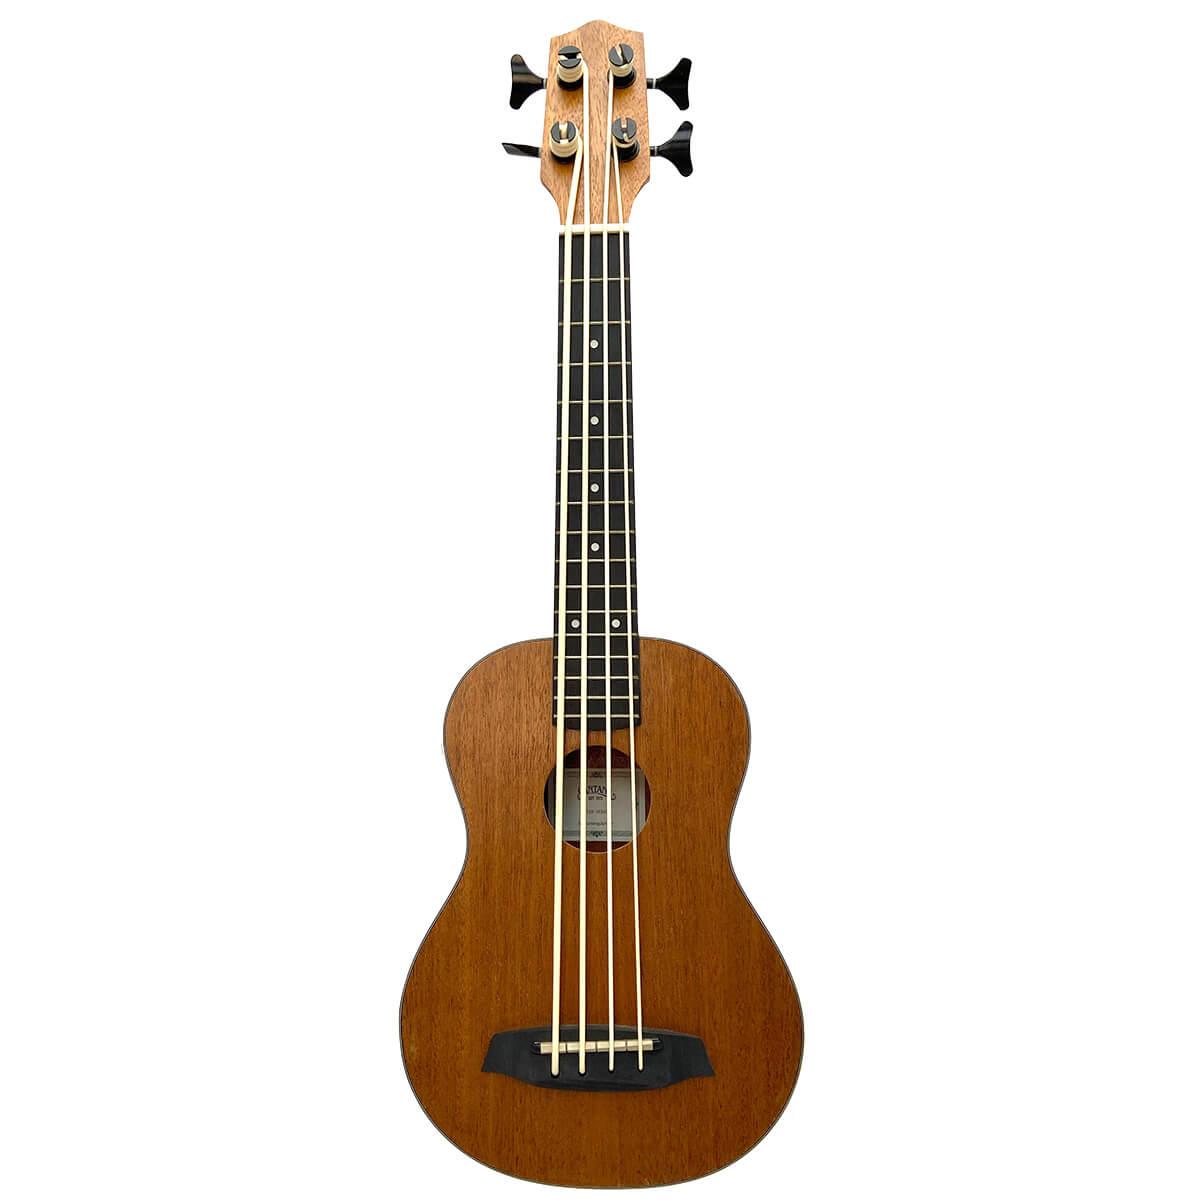 Santana UKBAS 2 bas-ukulele